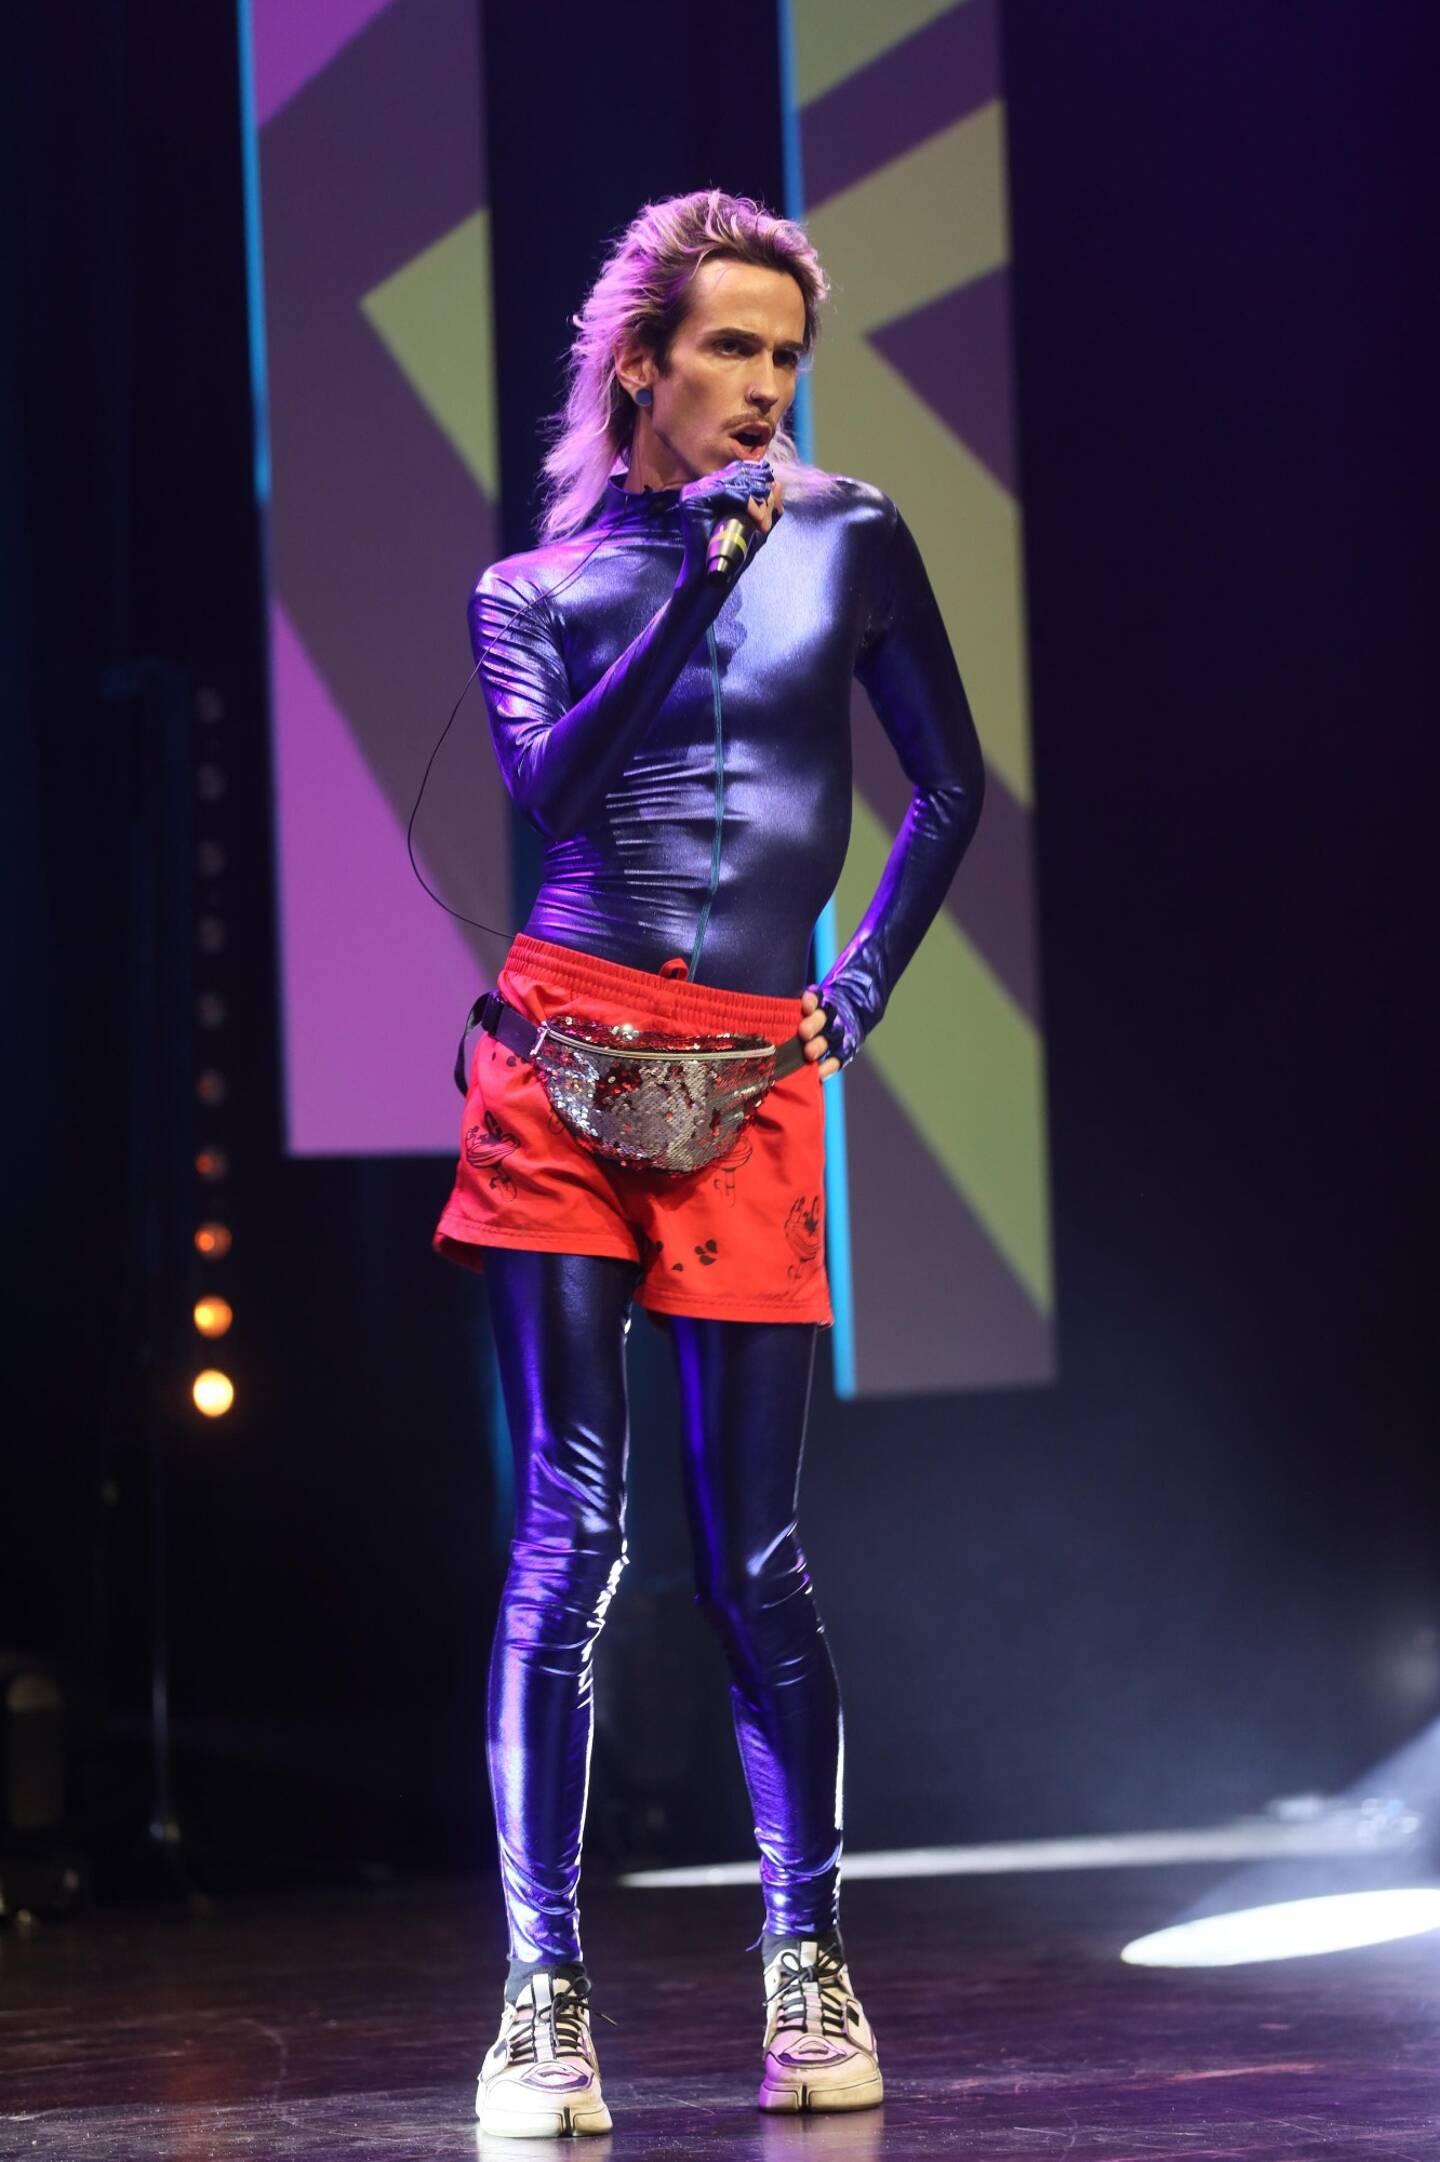 Le chanteur et performeur Téo Lavabo est venue chanter Chipolata, le titre qui a fait le buzz dans l'émission La France a un Incroyable Talent.